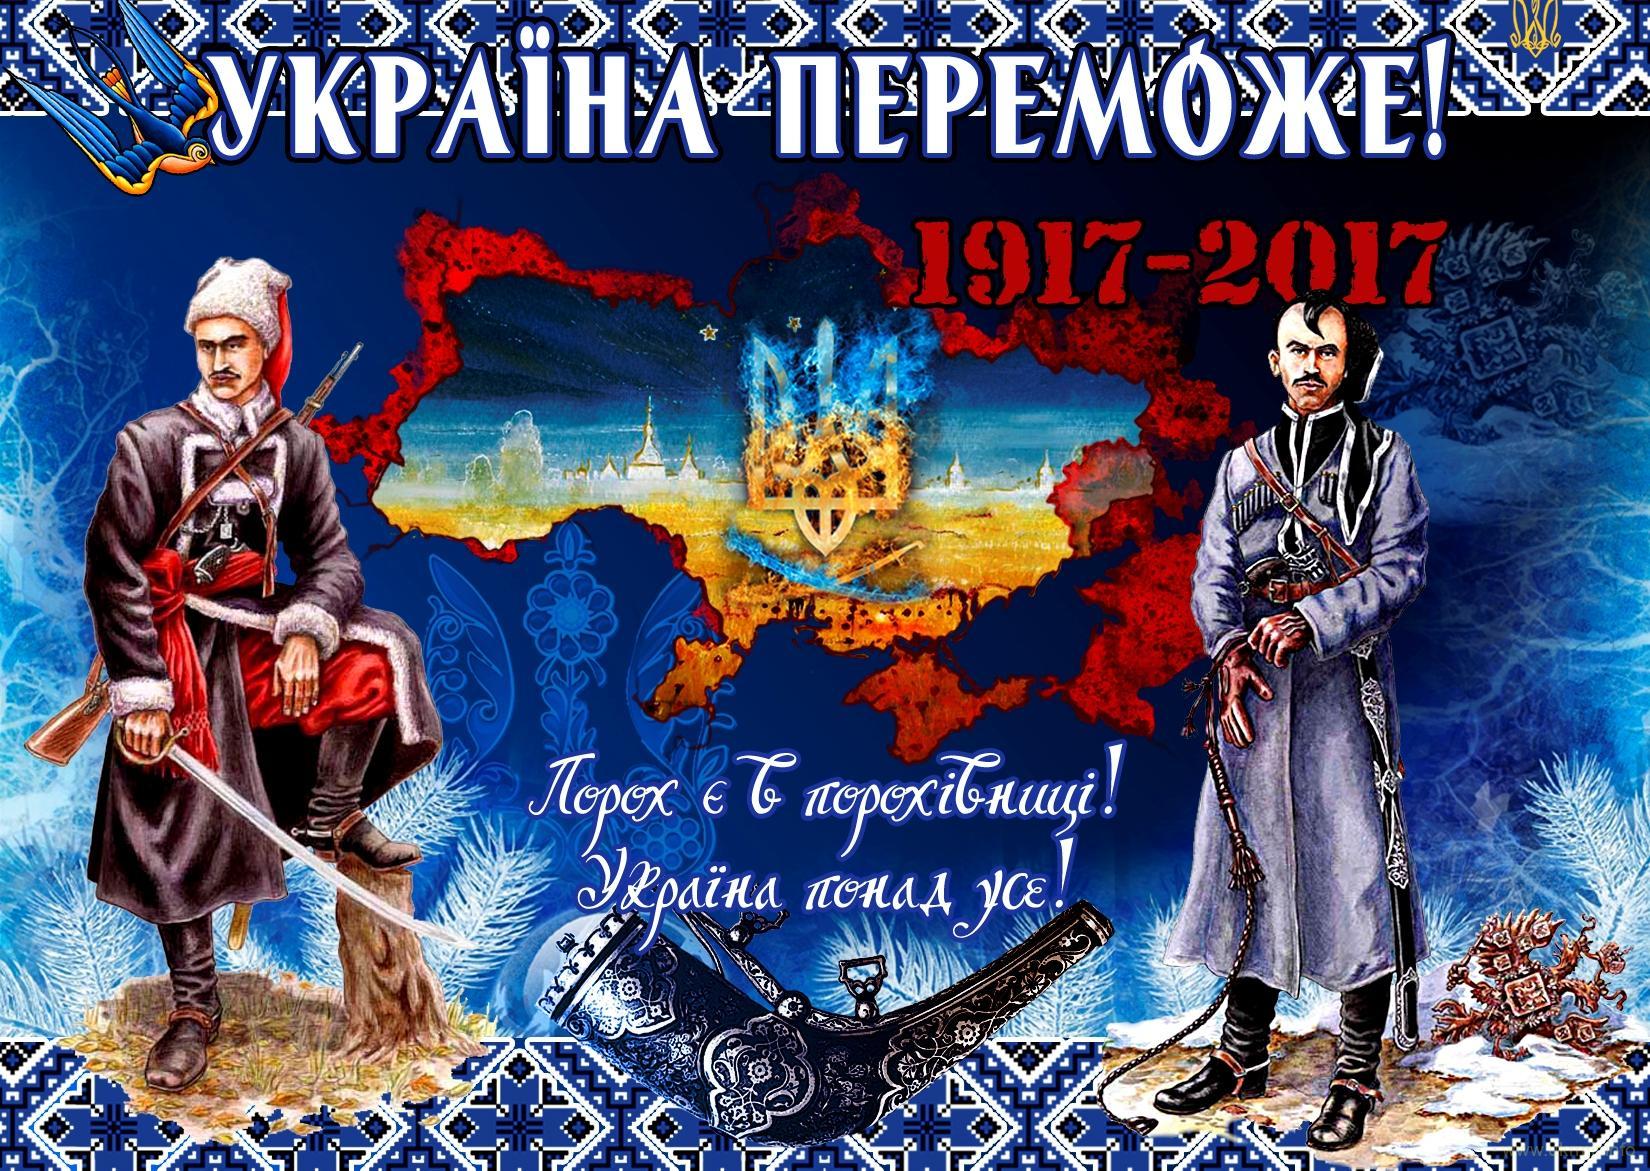 З днем Незалежності, українці – все буде добре, все буде Україна! Перемога за нами!